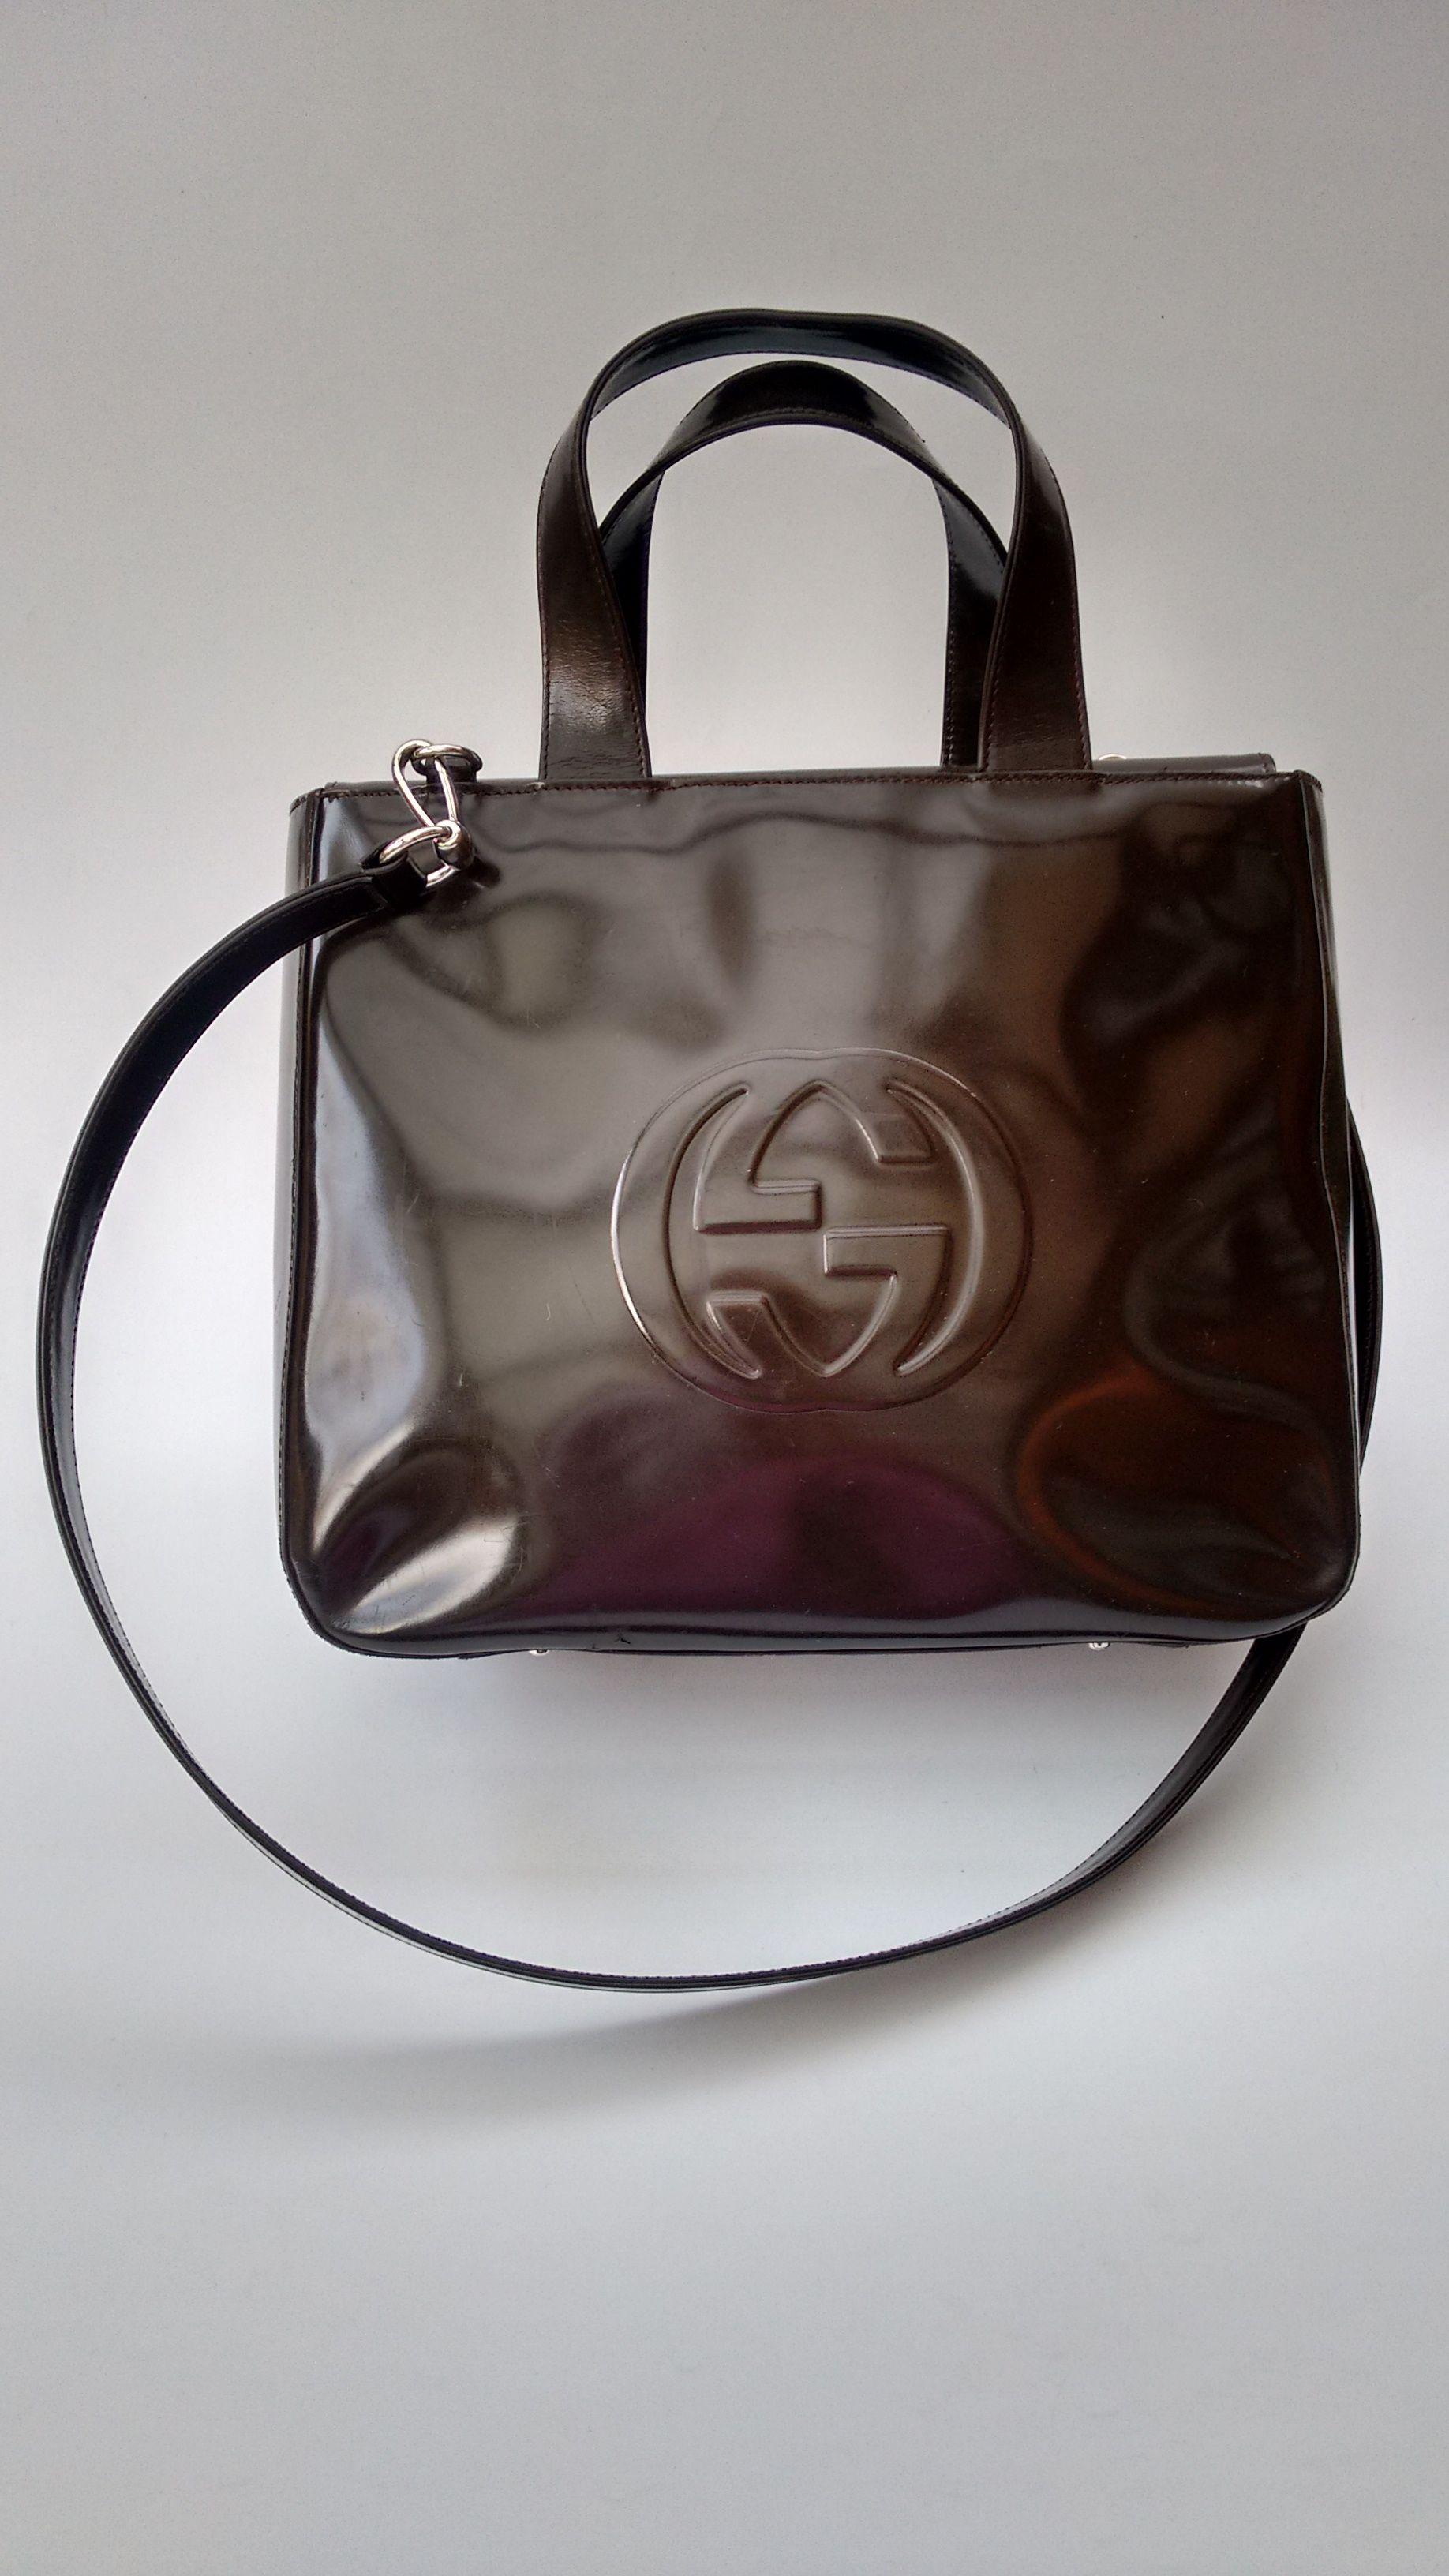 Gucci Bag Gucci Vintage Brown Leather Shoulder Bag Italian Designer Purse Tom Ford Era Brown Leather Shoulder Bag Gucci Bag Vintage Gucci